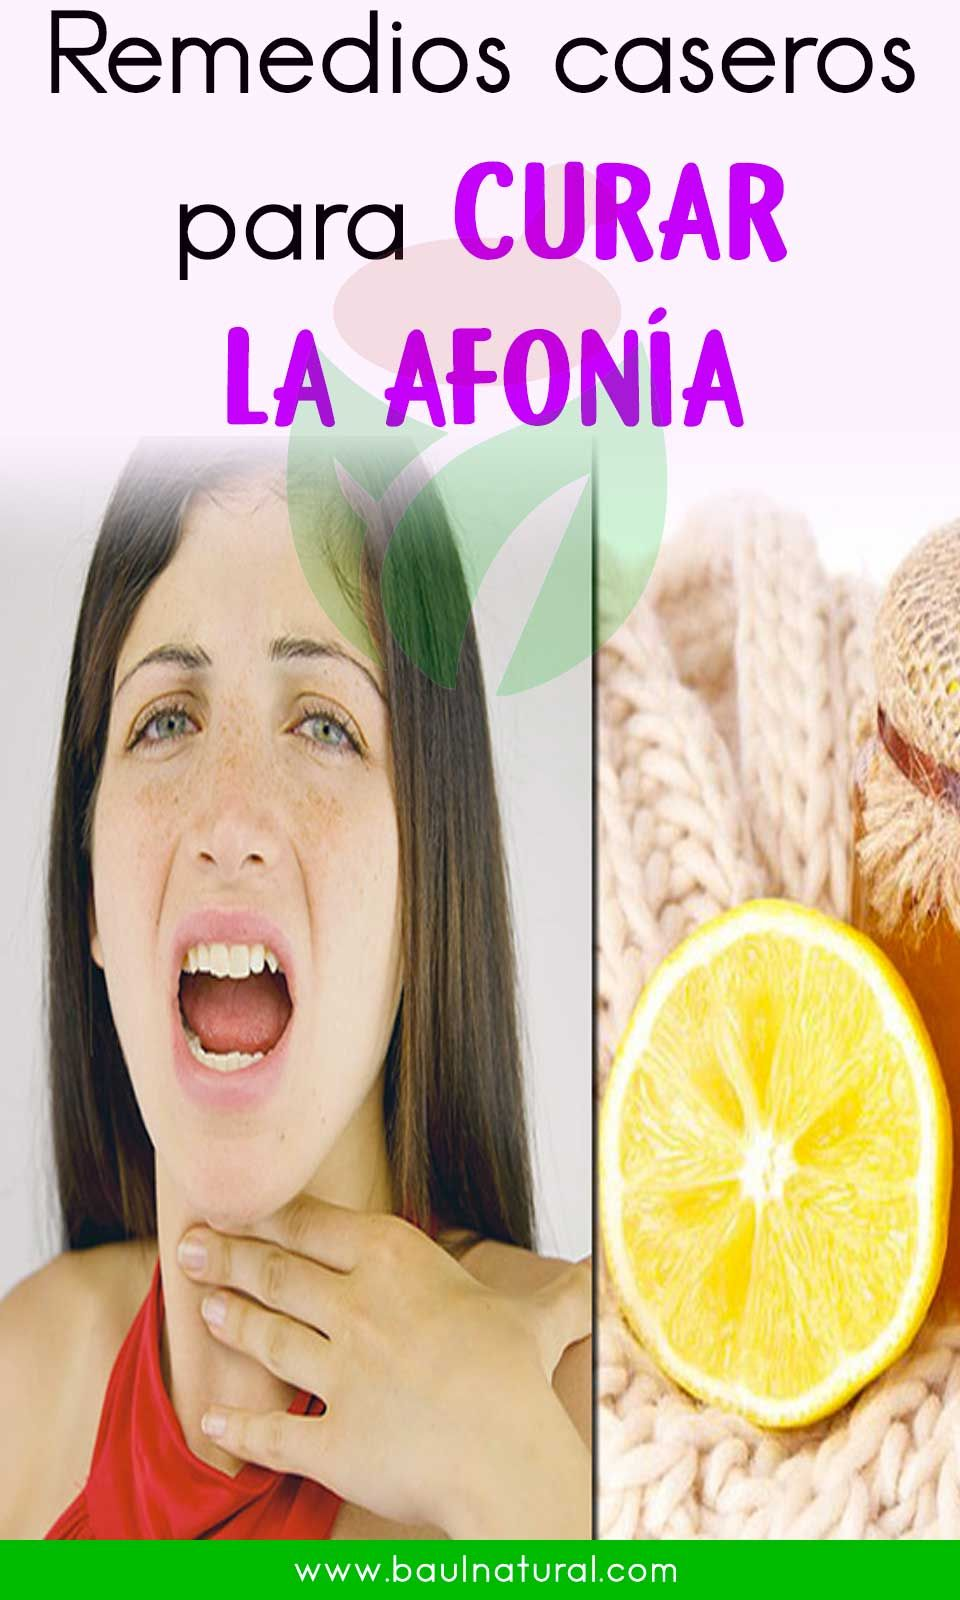 Como Curar La Afonia la afonía | remedios, remedios caseros, casero